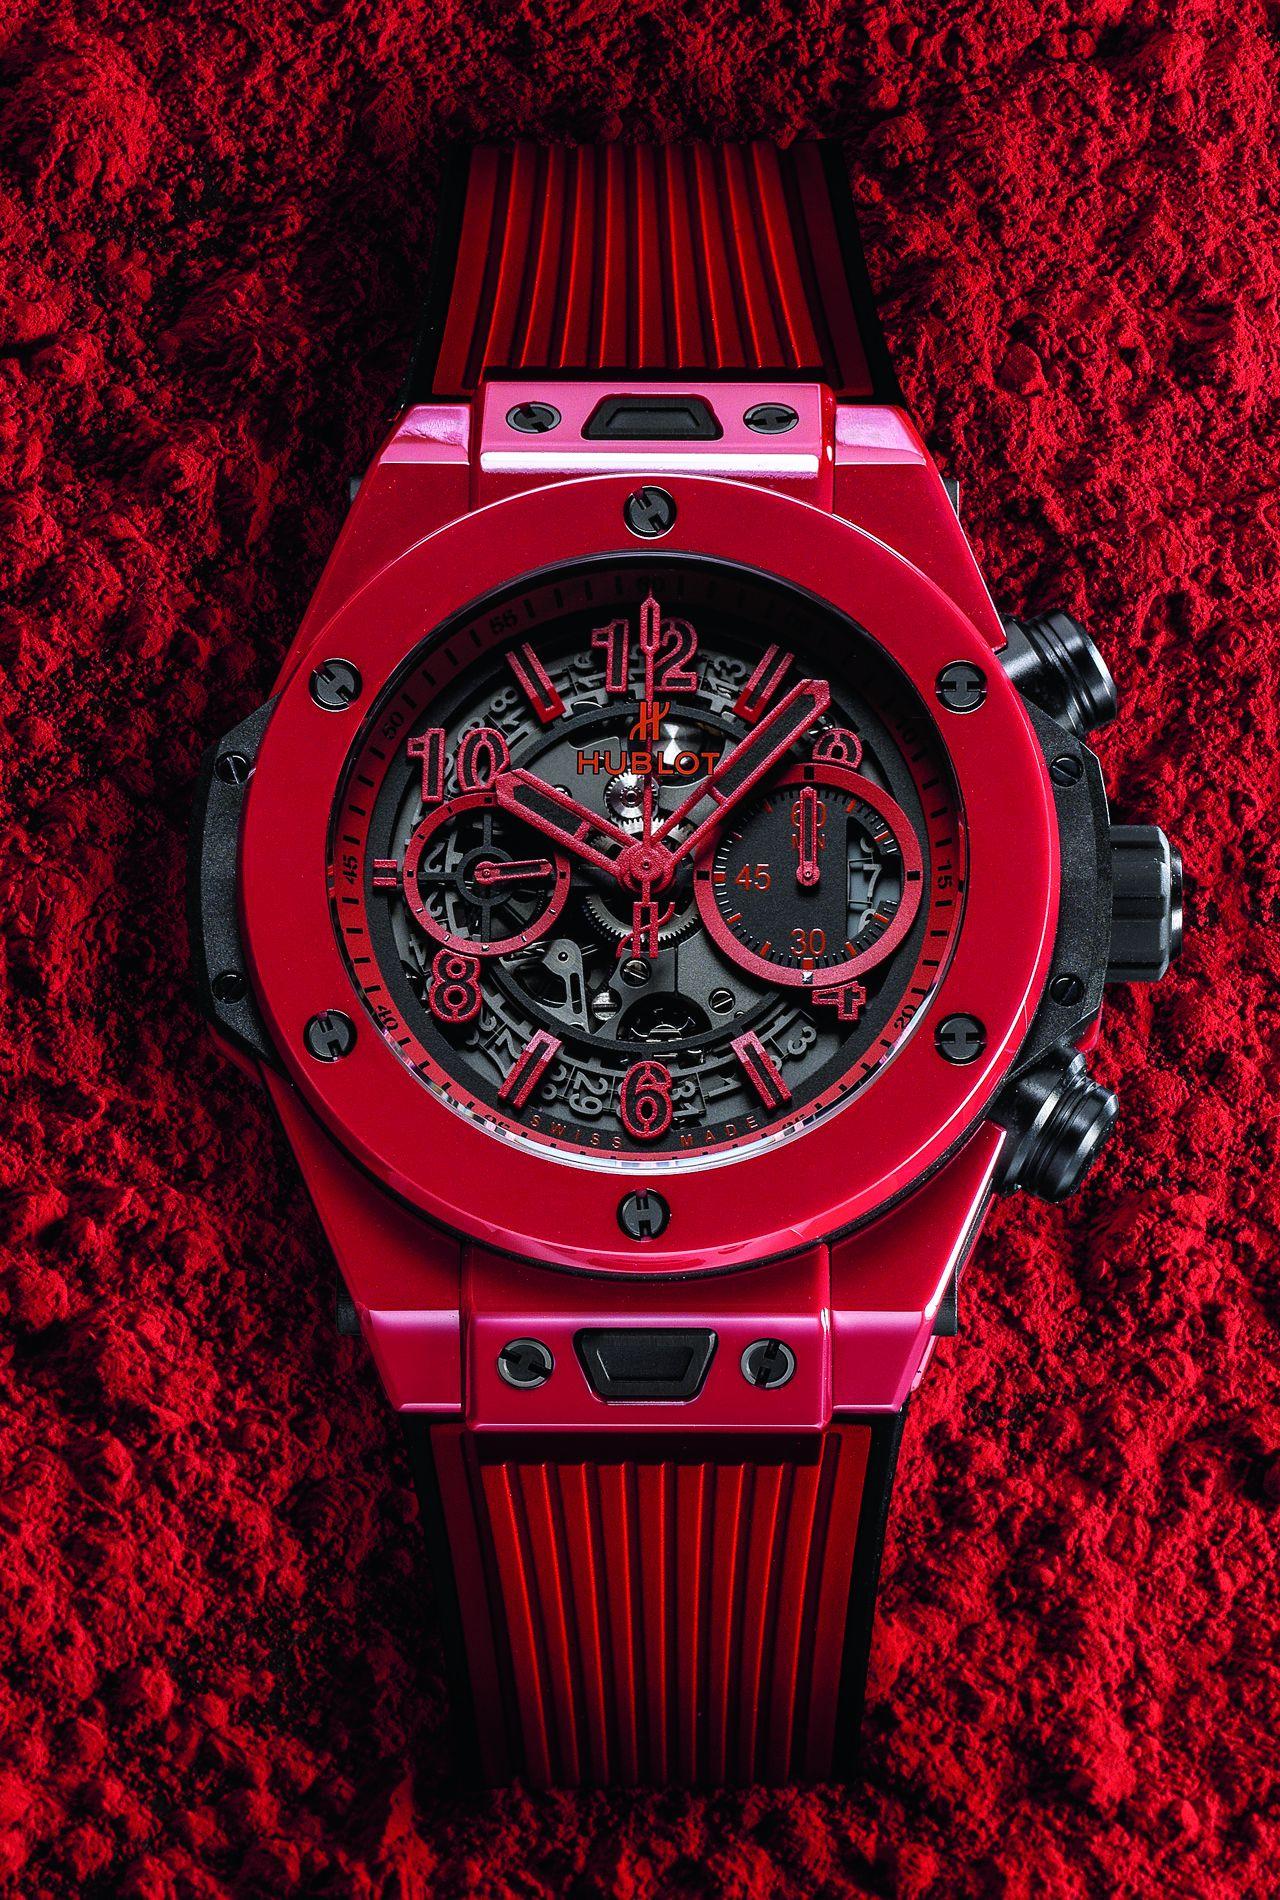 Hublot Big Bang Unico Red Magic - Nagyon piros az anyagában piros kerámia tok, amely technológiát az Hublot szabadalmaztatott